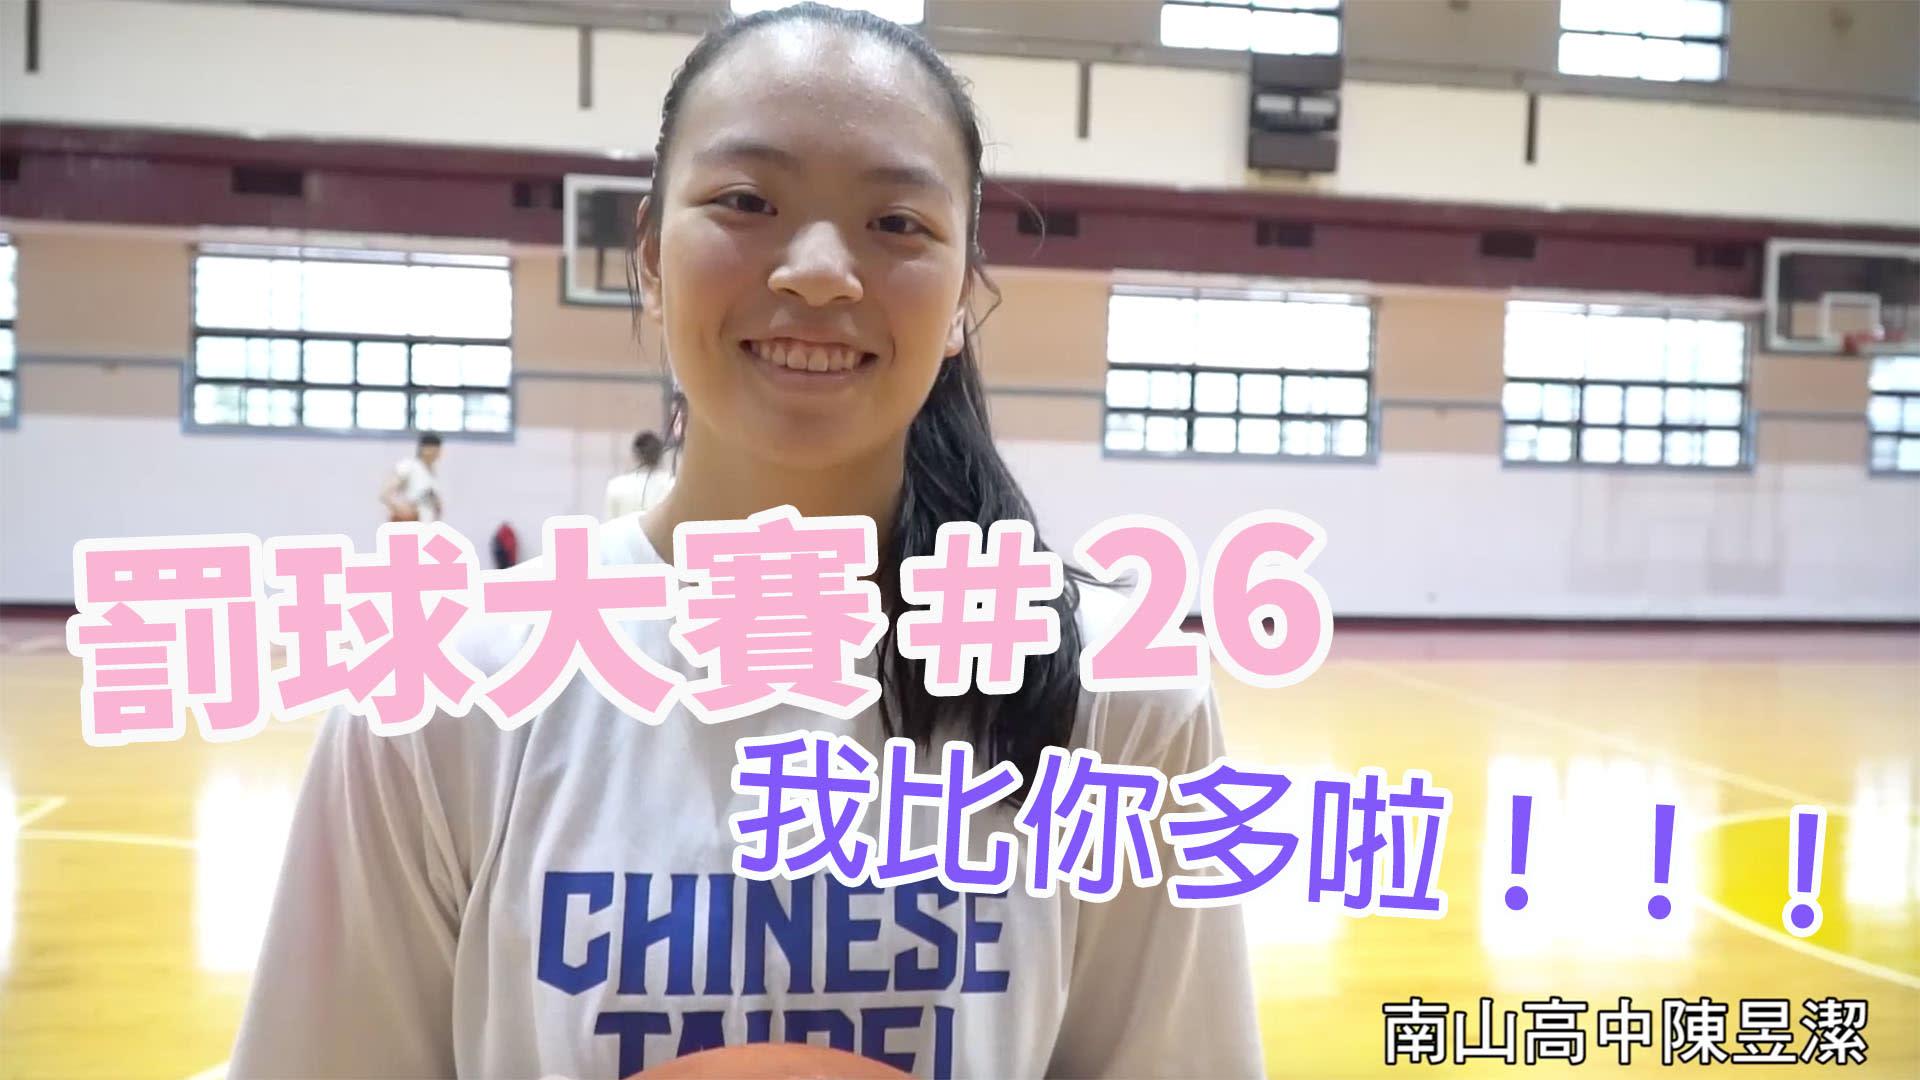 罰球大賽#26 南山高中 陳昱潔